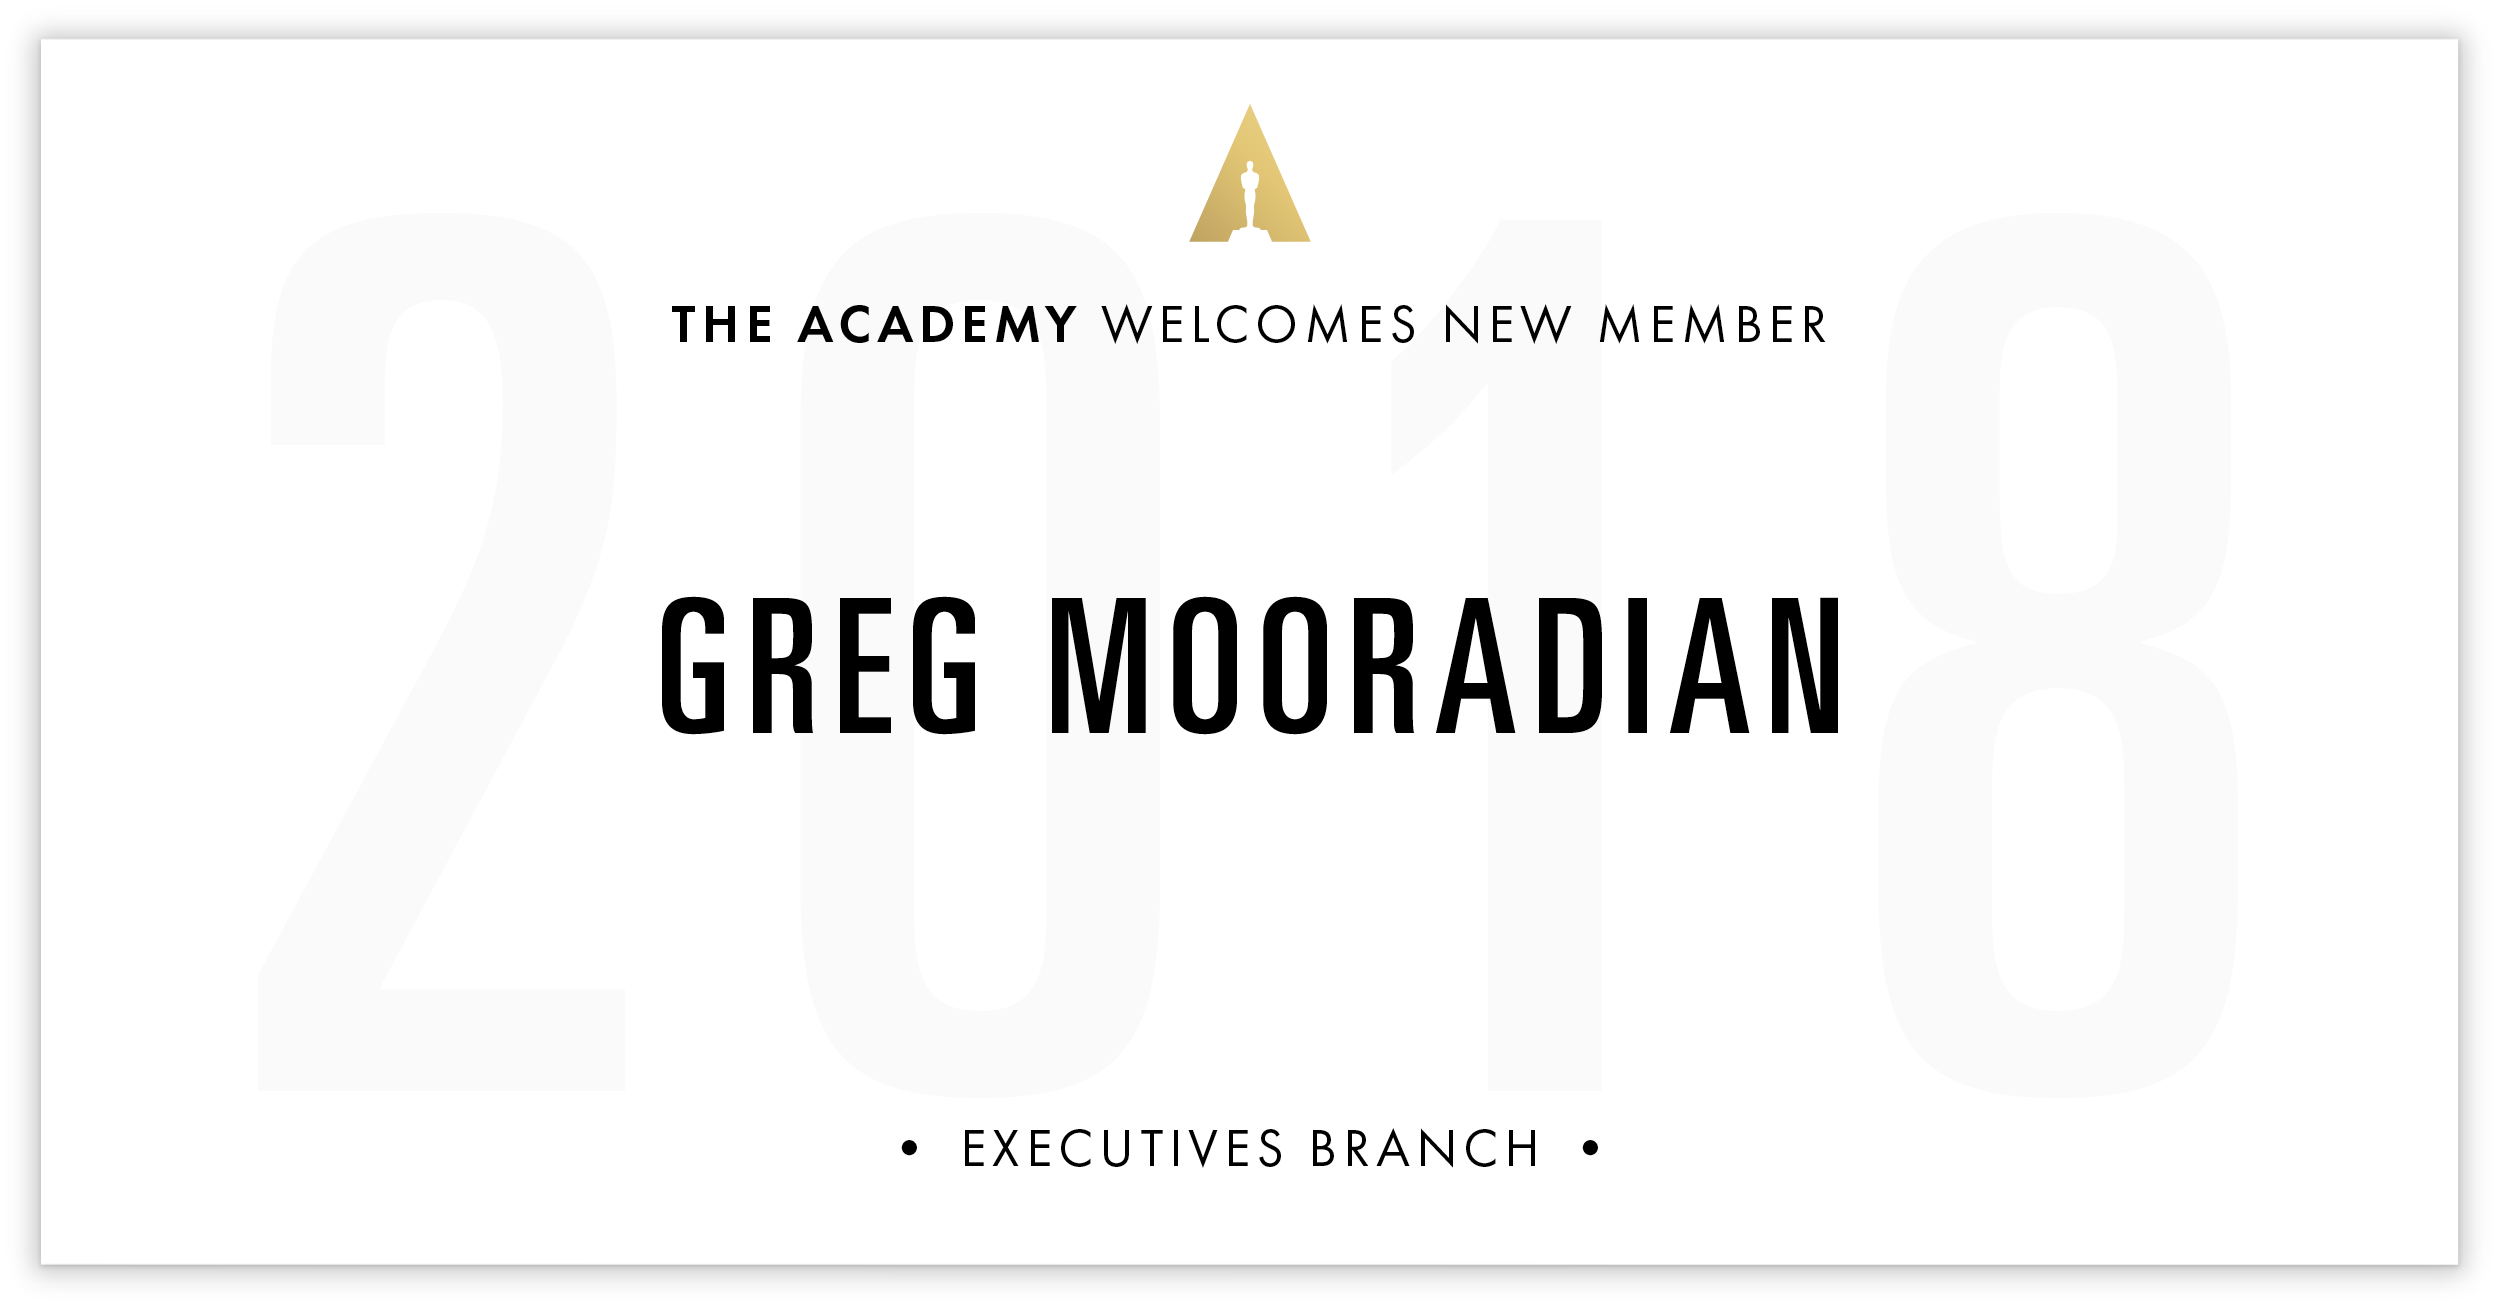 Greg Mooradian is invited!